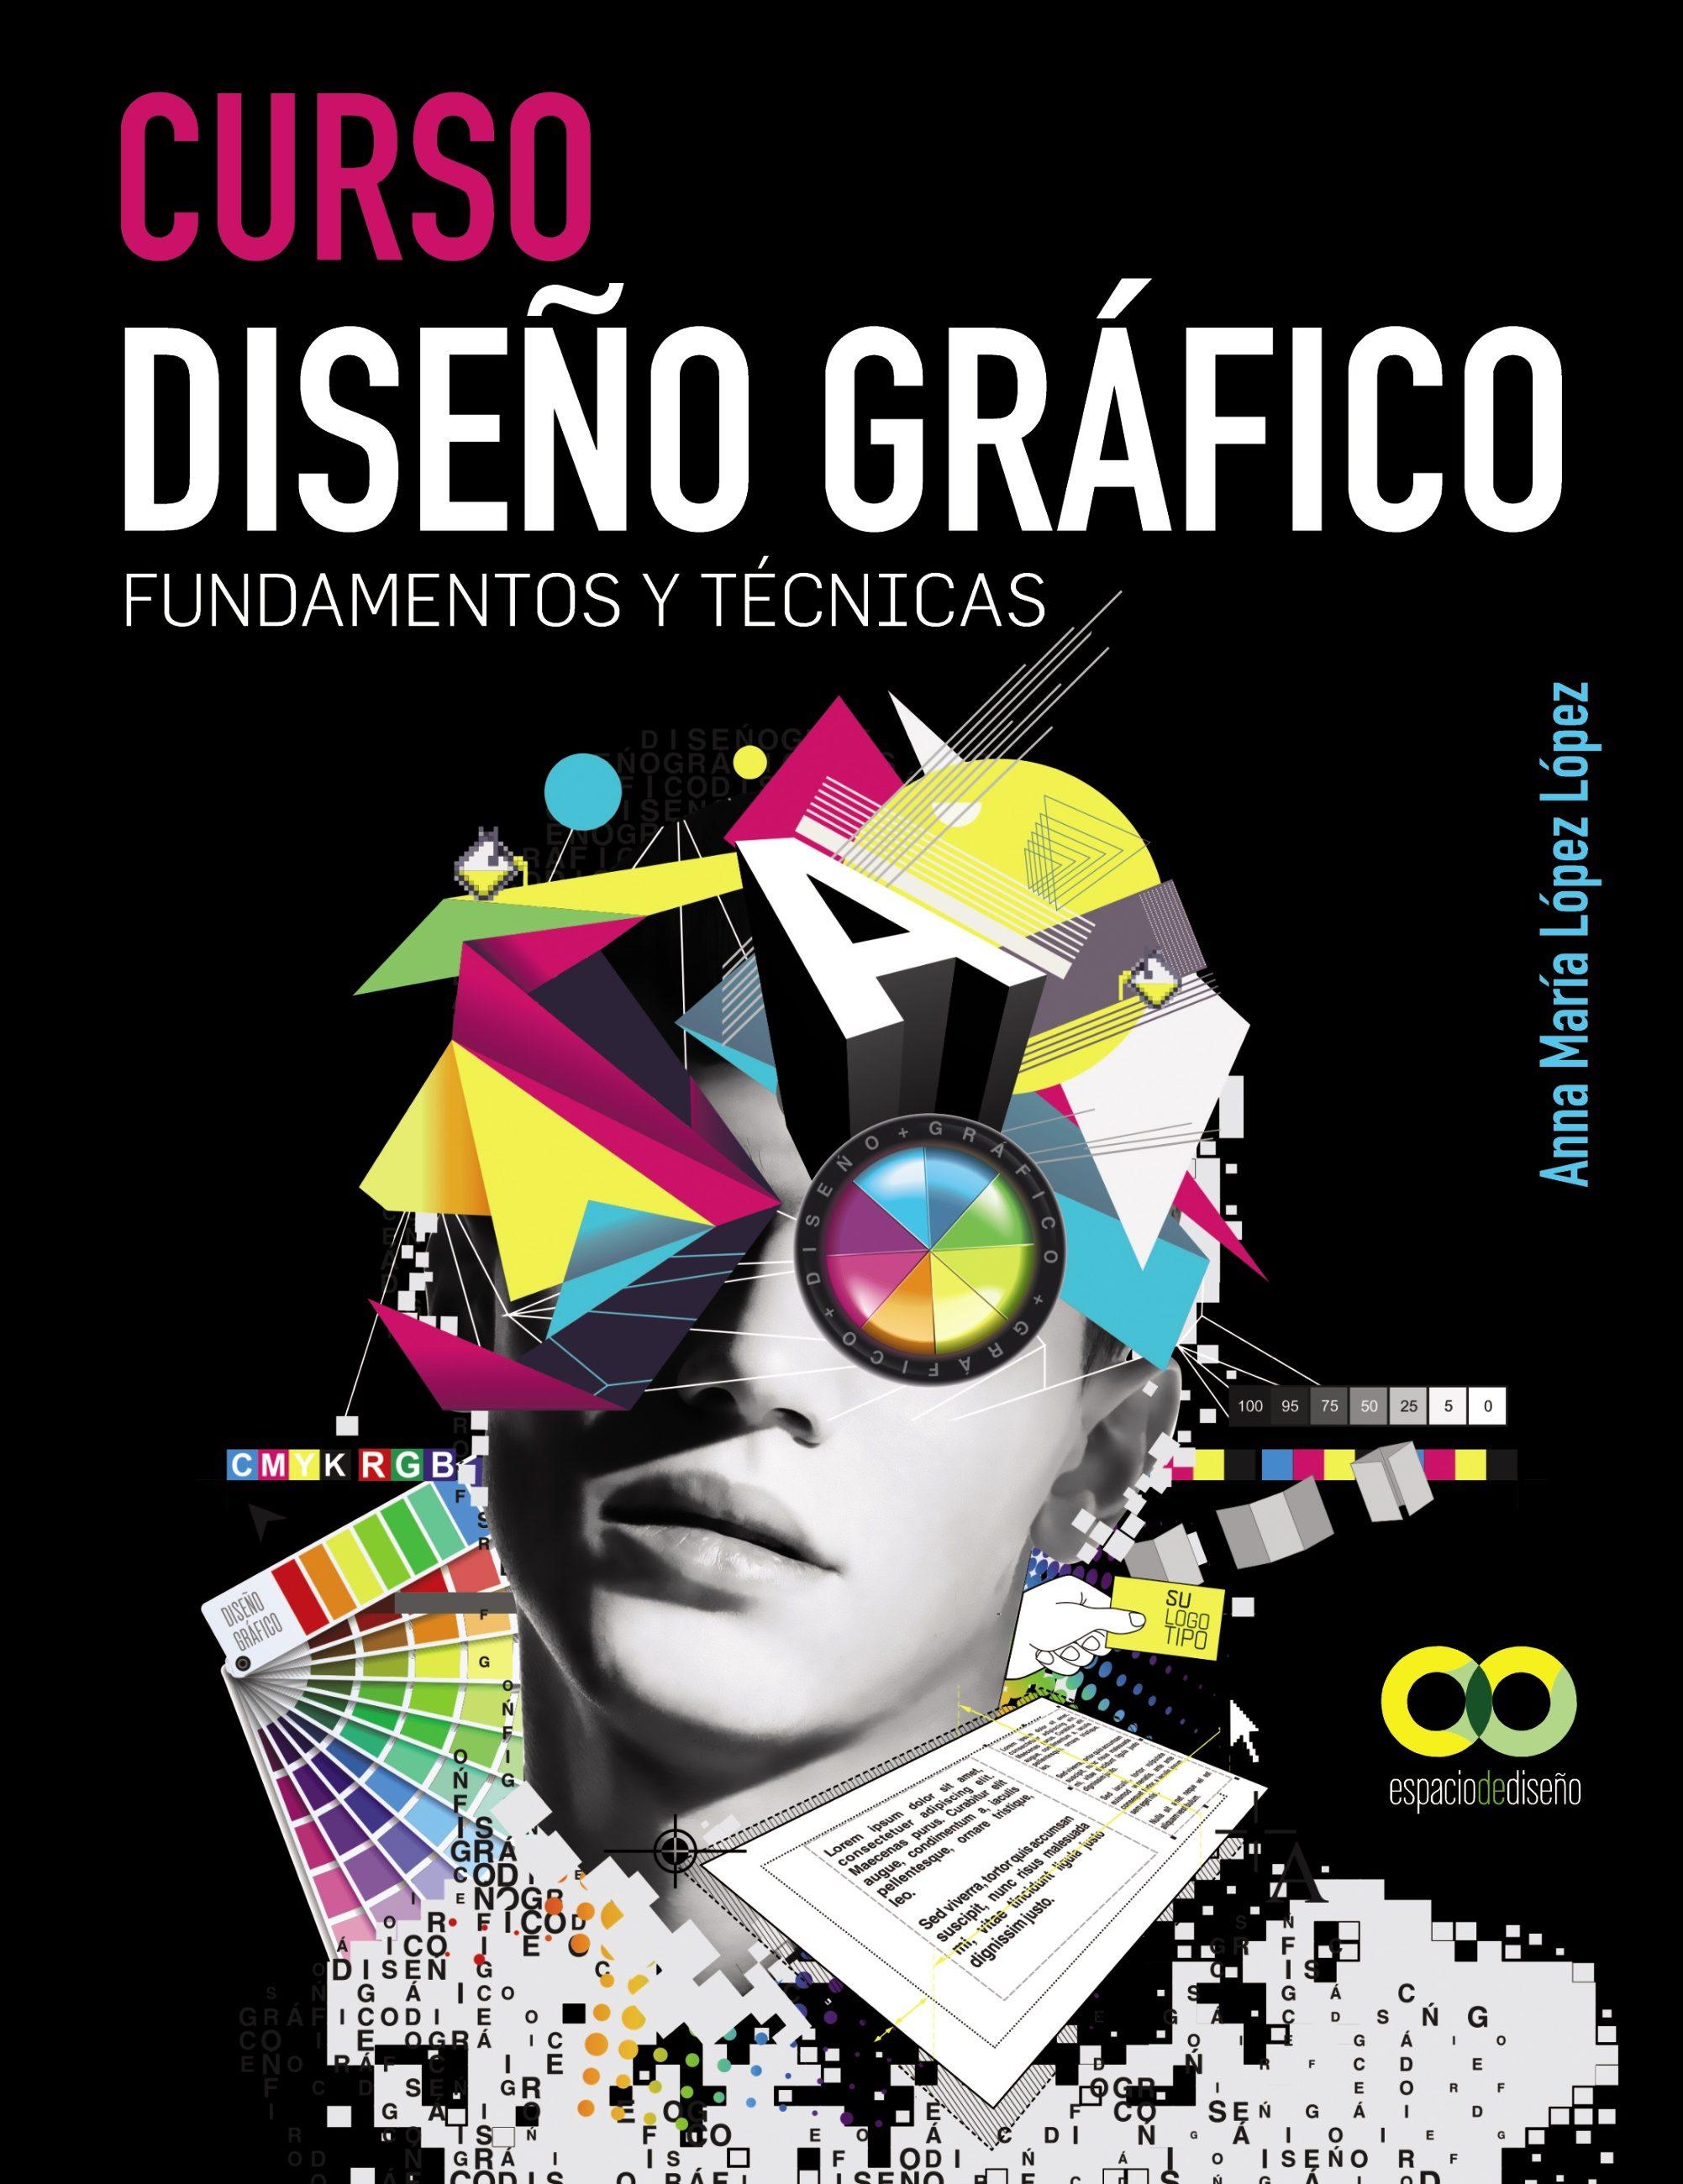 Curso dise o gr fico fundamentos y t cnicas ebook for Diseno grafico escuelas